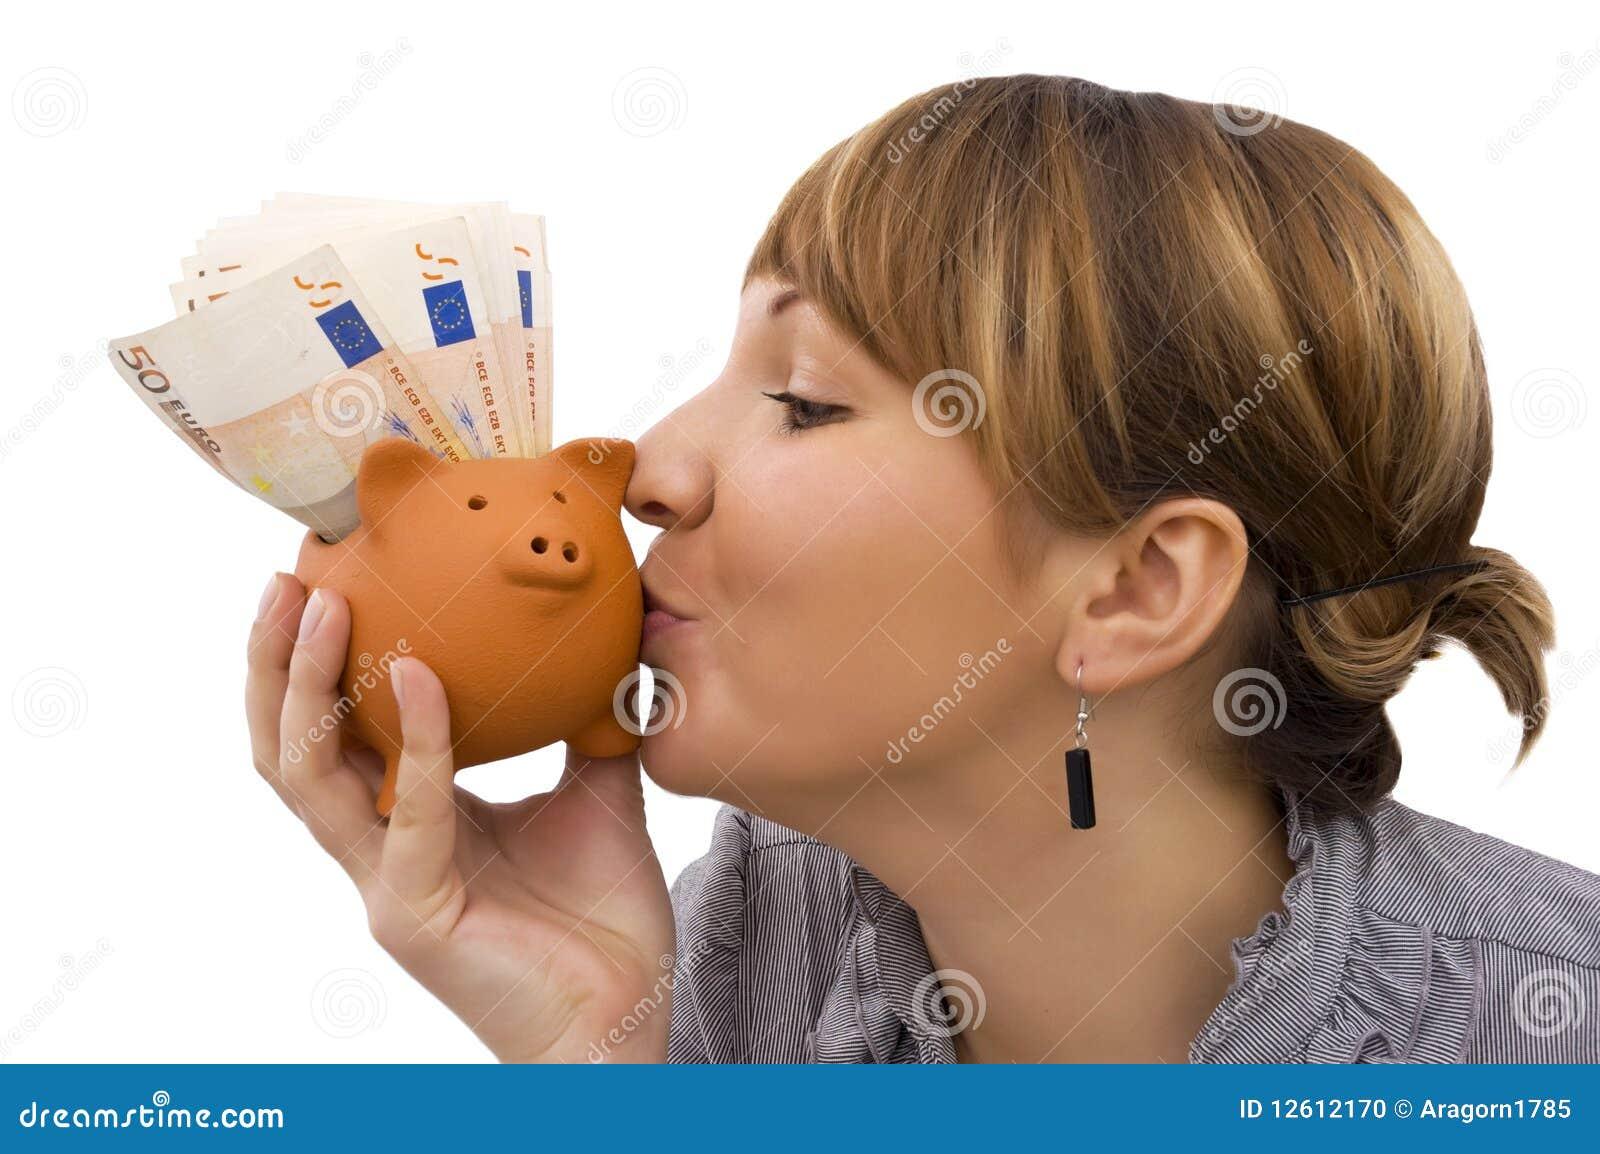 Nu ben ik blij over mijn besparingen